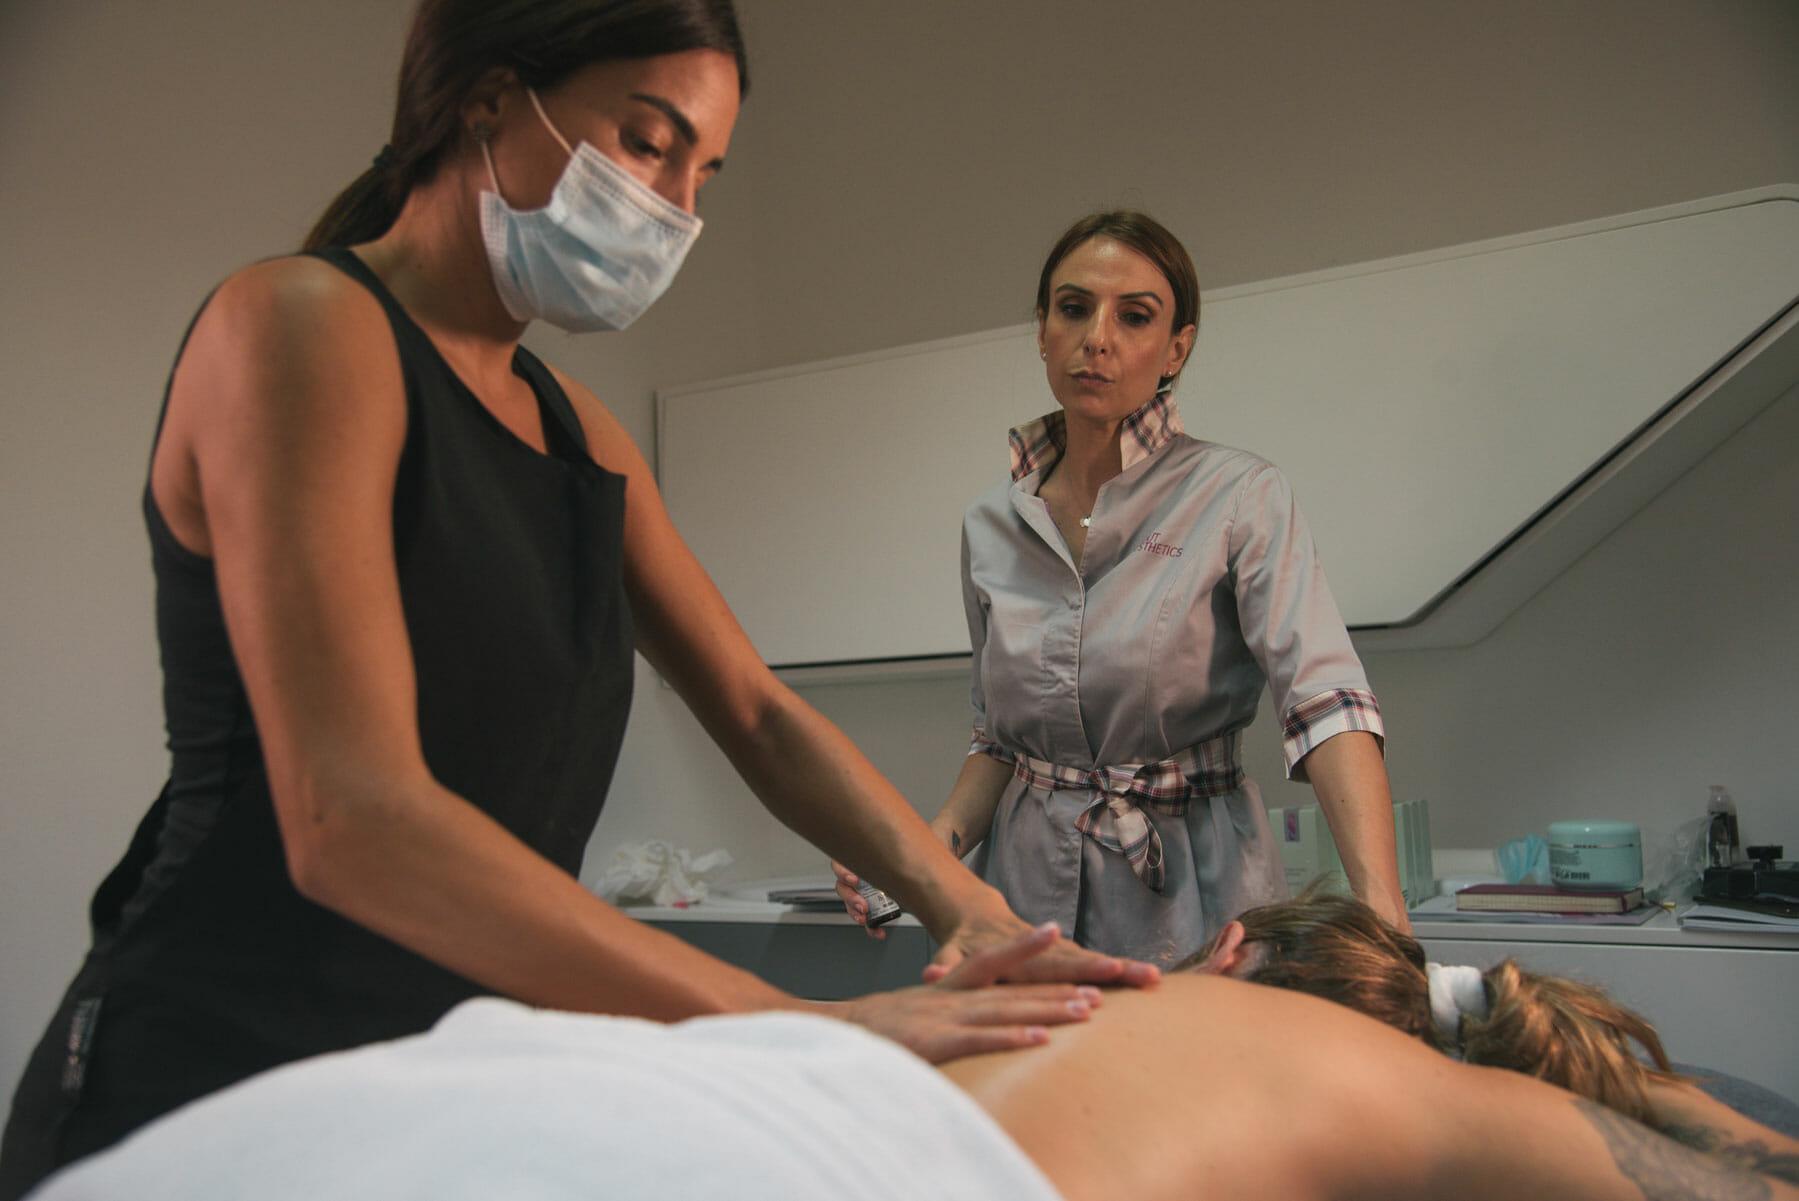 Sono rappresentate Ilaria che spiega come fare un massaggio personalizzato ad una sua allieva. Si vede l'allieva stessa che sta massaggiando una cliente.